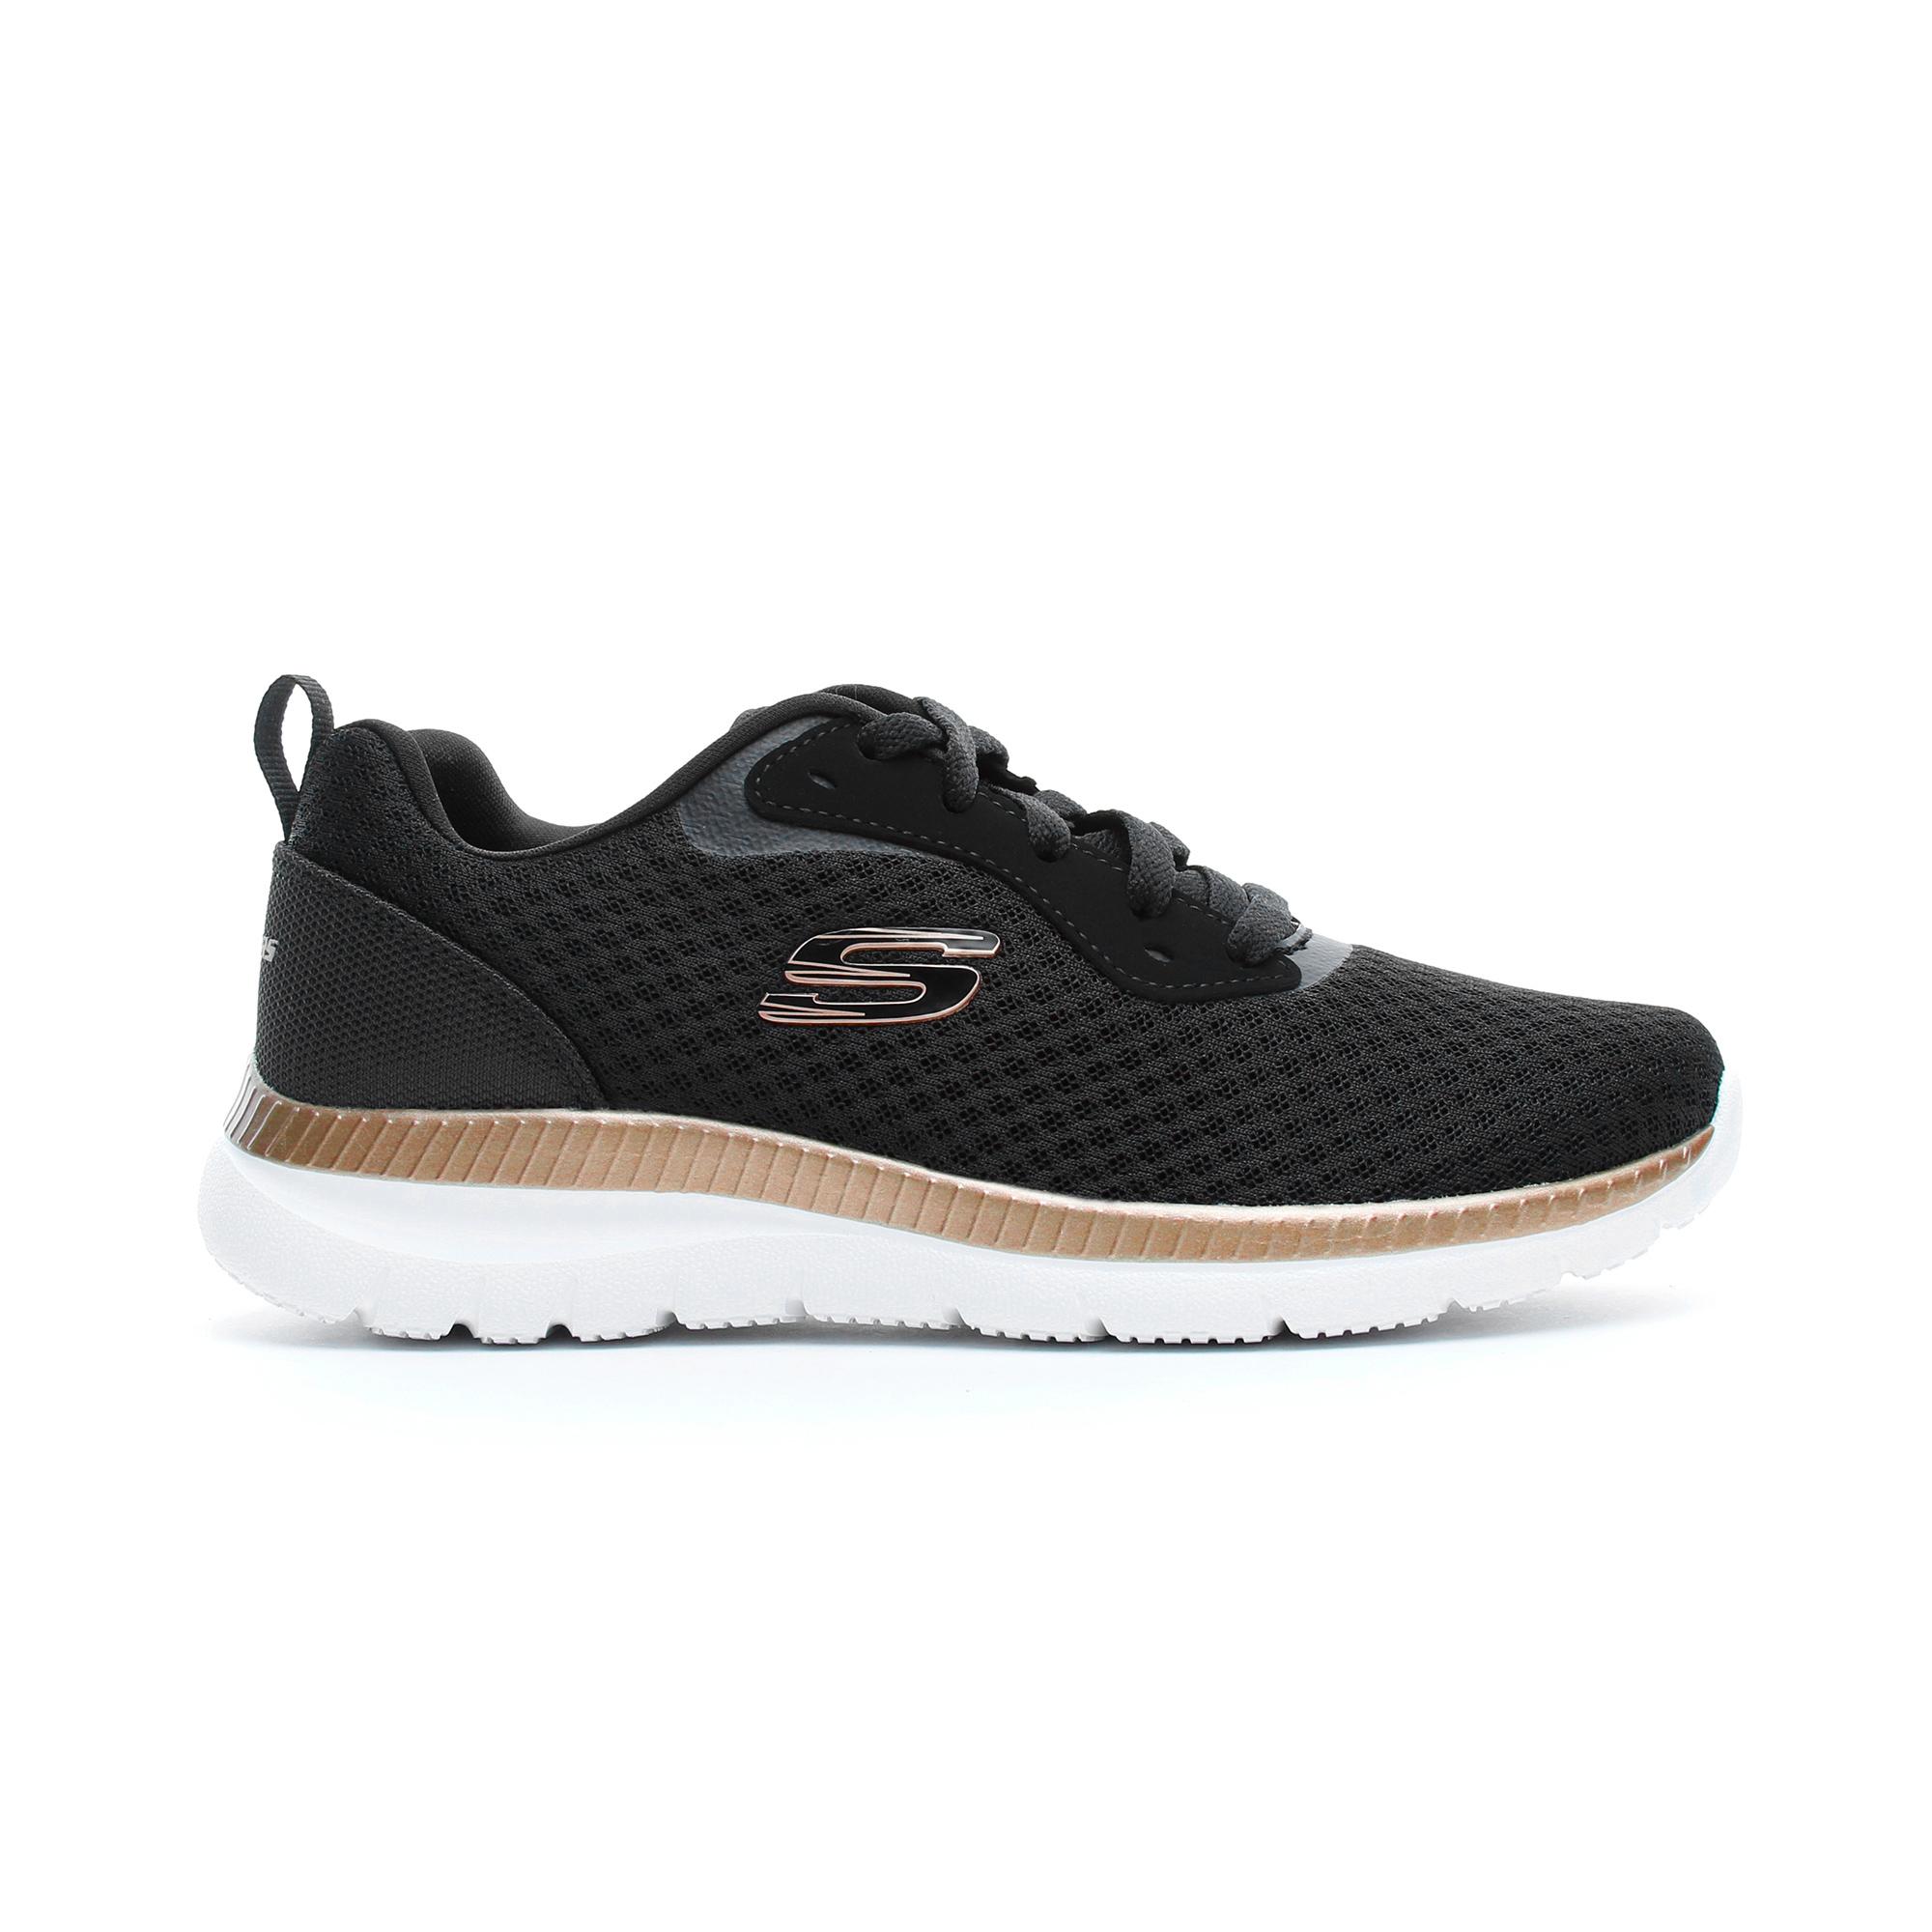 Skechers Bountiful Kadın Siyah Spor Ayakkabı